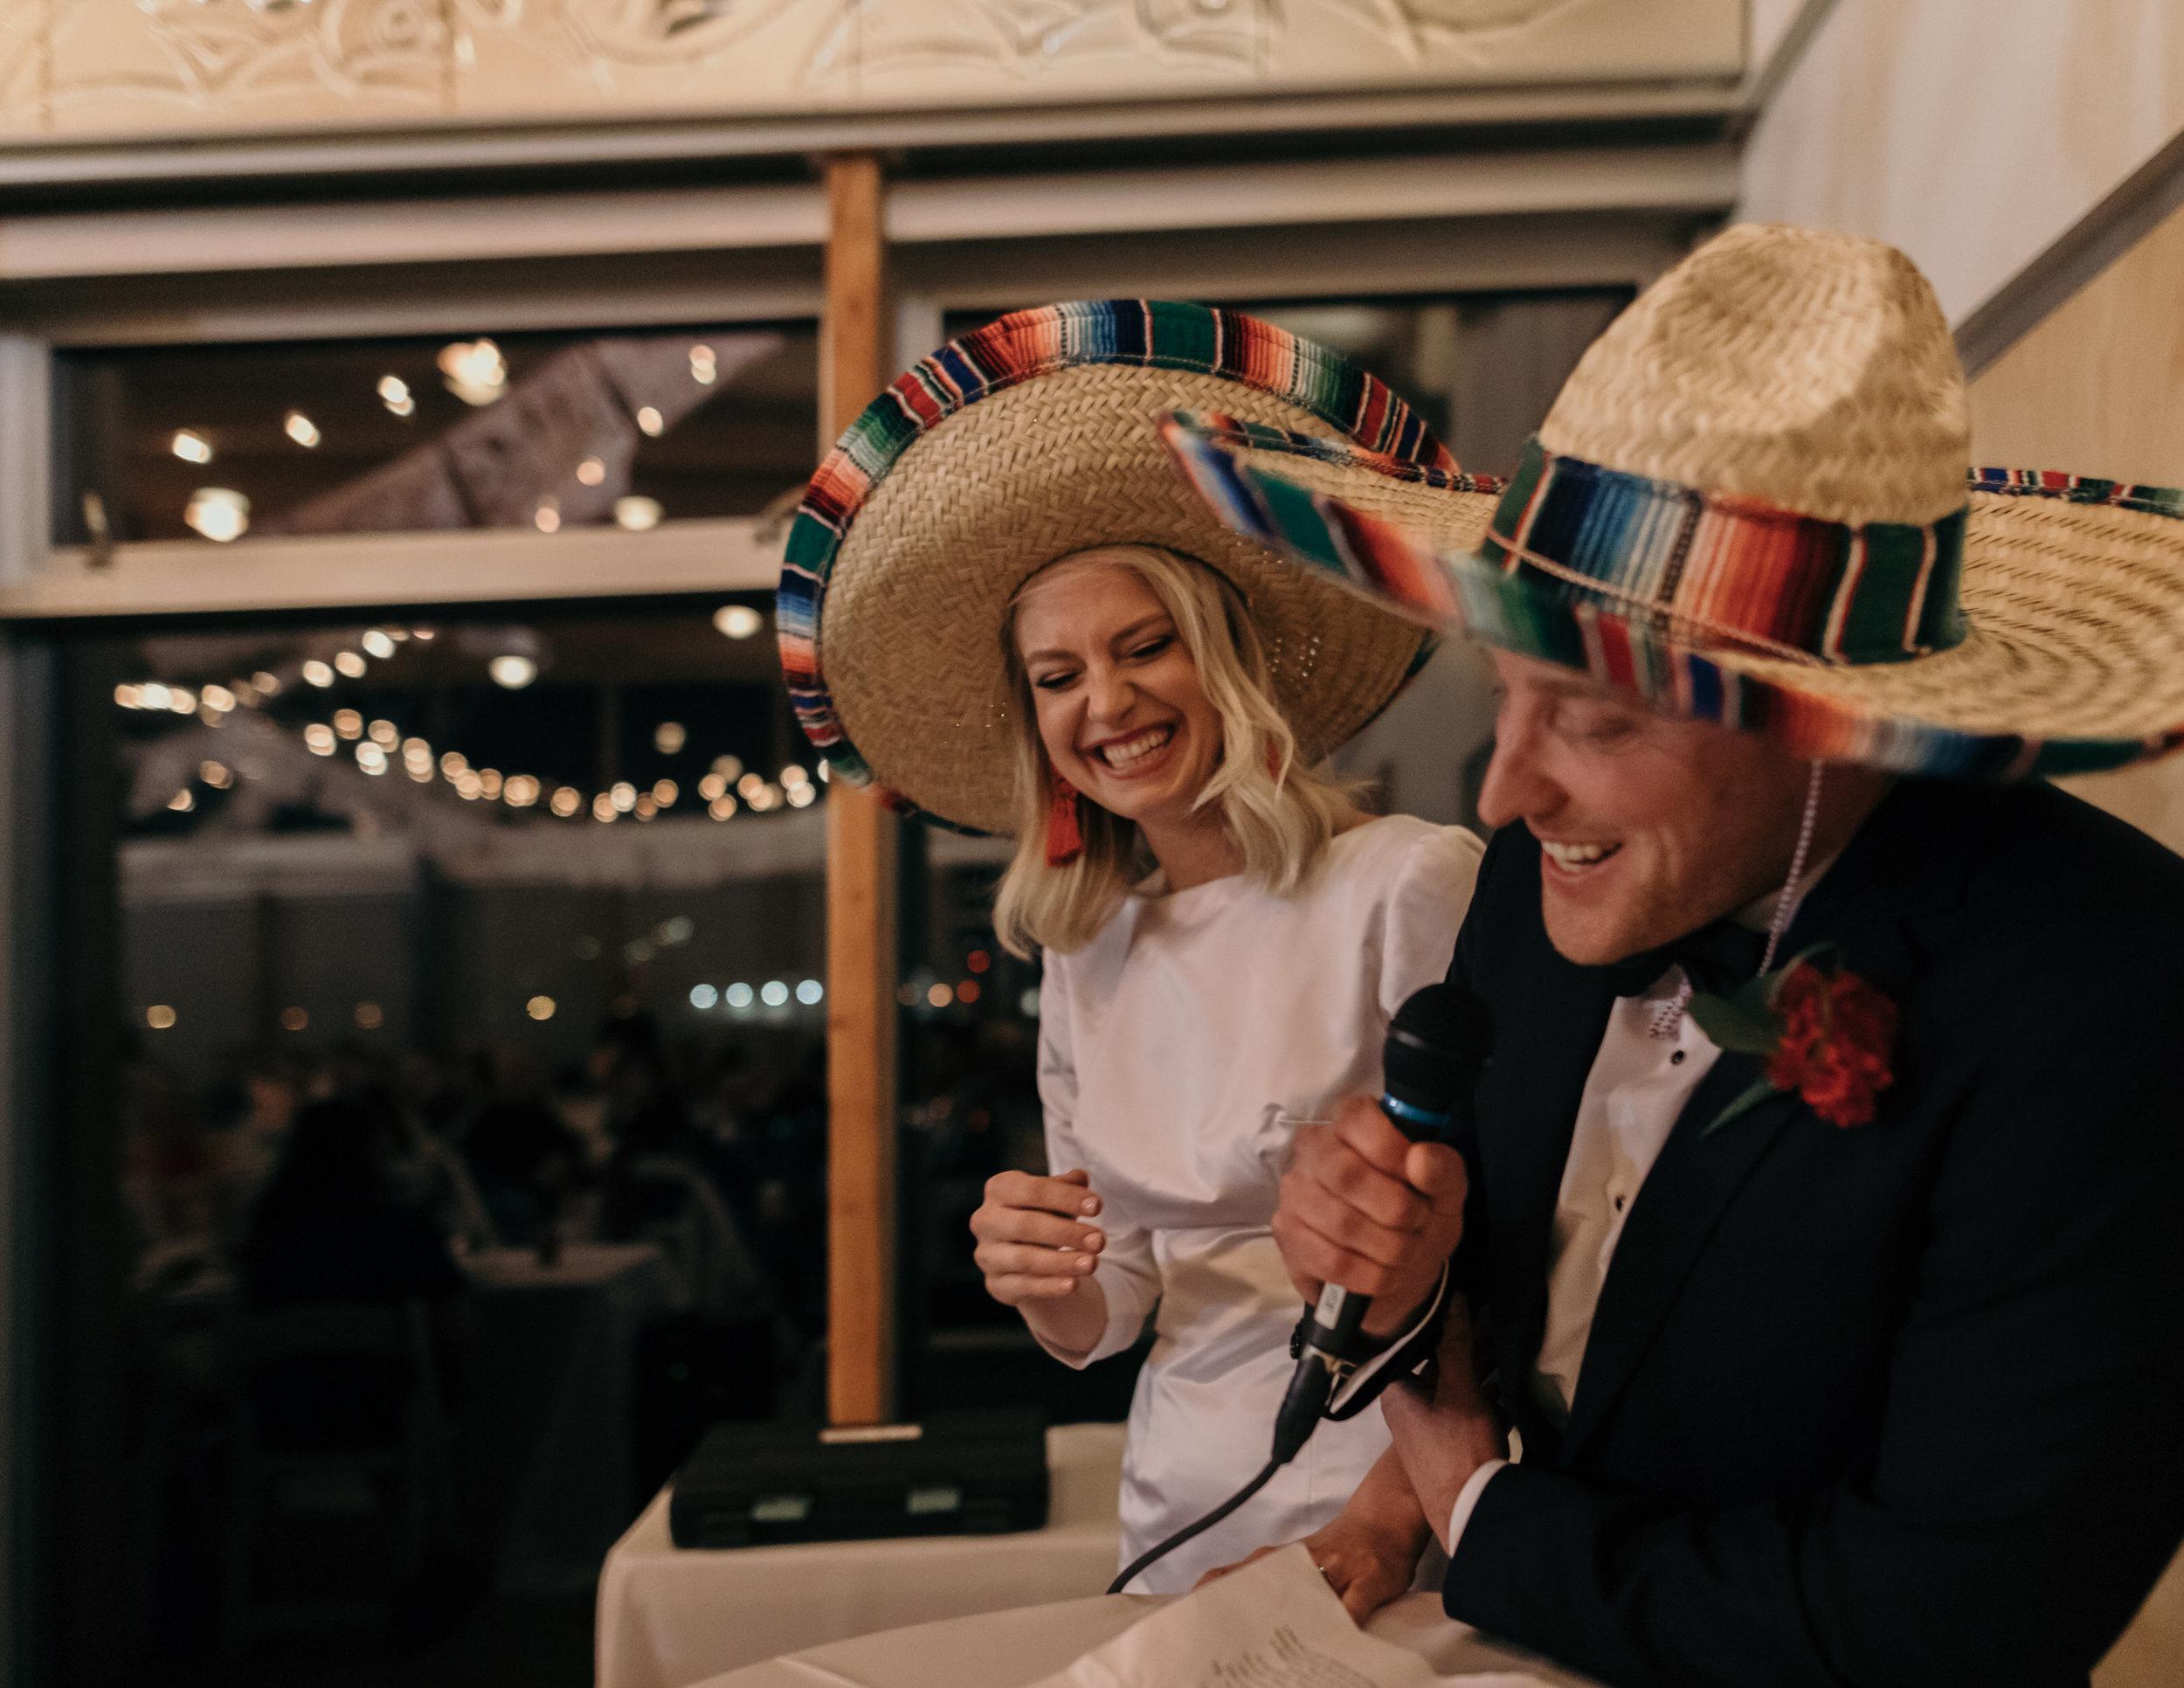 Vancouver New Years Eve Wedding - UBC Boathouse Wedding - Kitsilano Wedding Photos - Vancouver Wedding Photographer - Vancouver Wedding Videographer - 929.JPG